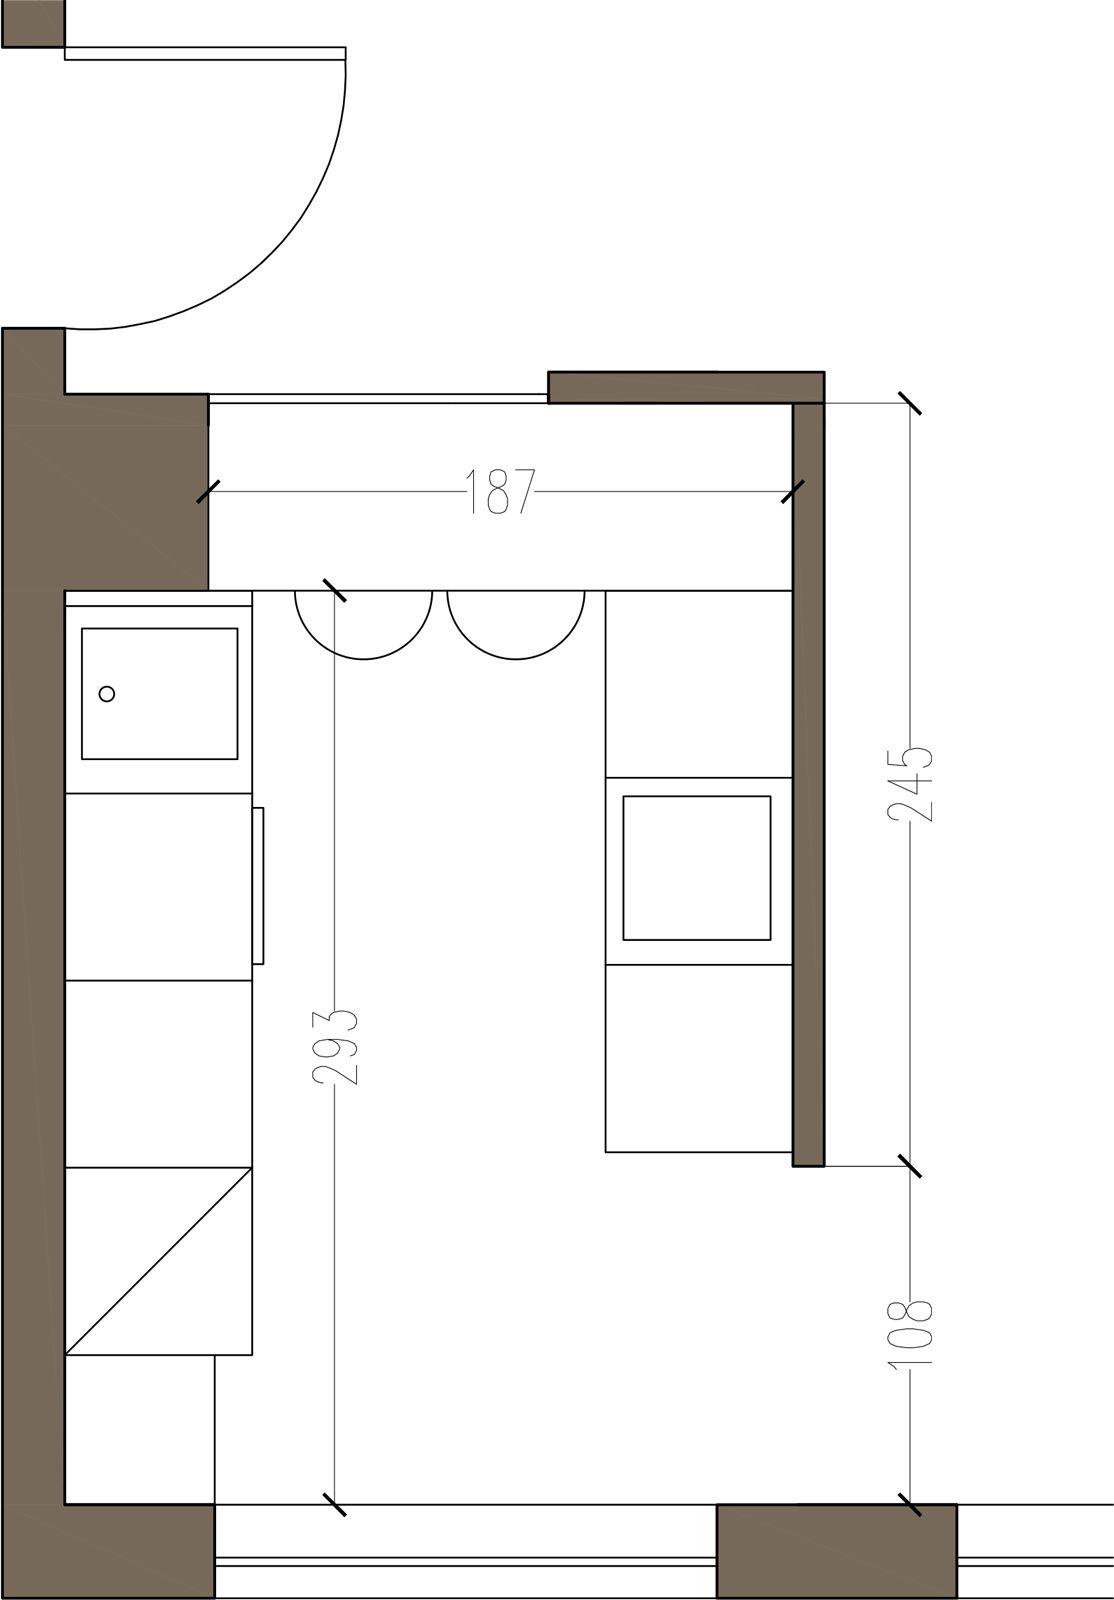 Mobili Per Cucinino Piccolo arredamento cucine piccole: un progetto per meno di 6 mq